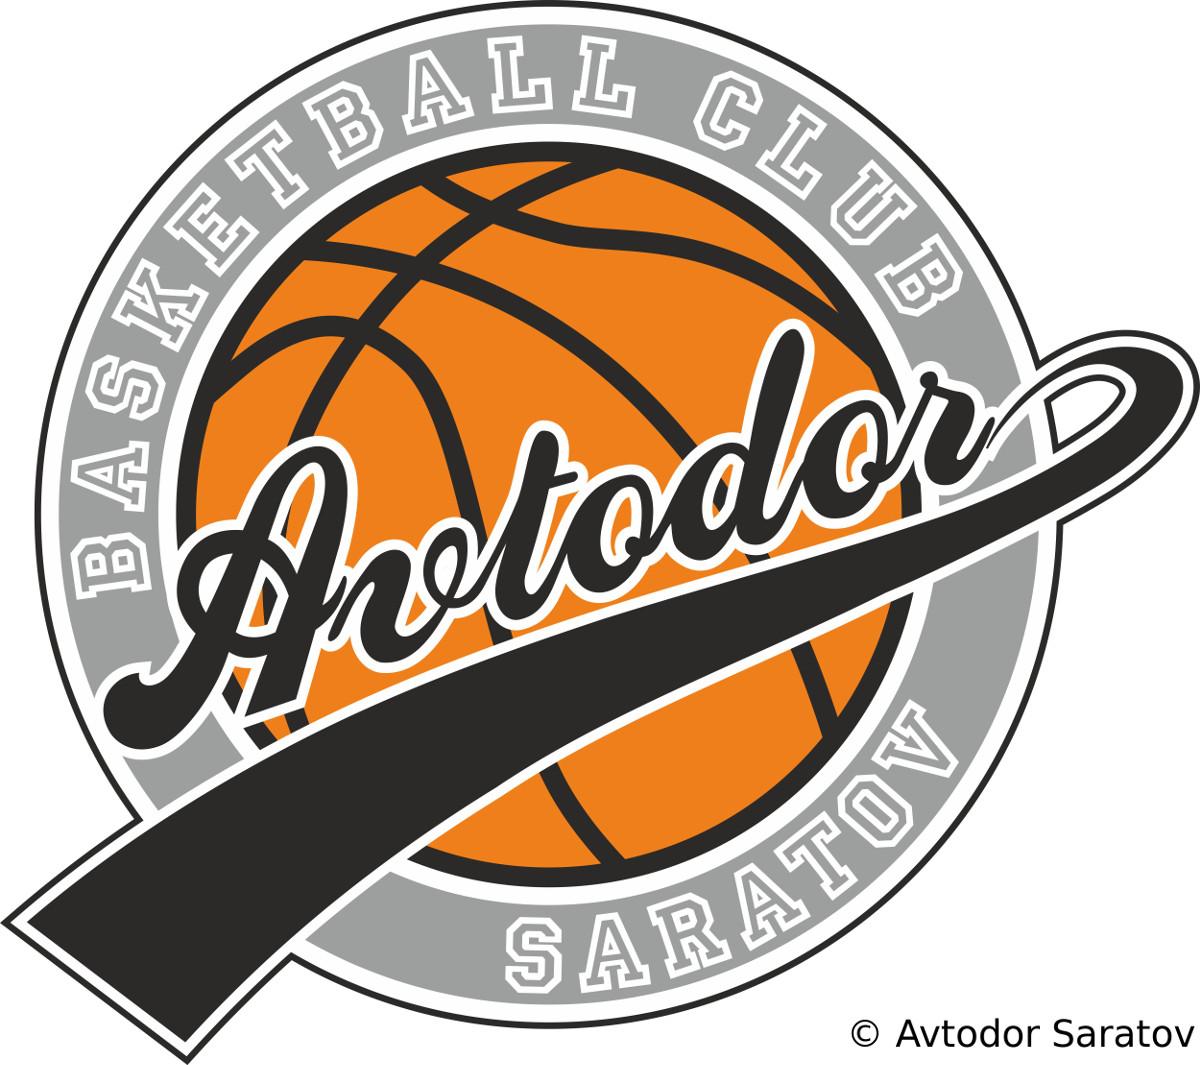 Neuer Trainer bei Avtodor Saratov